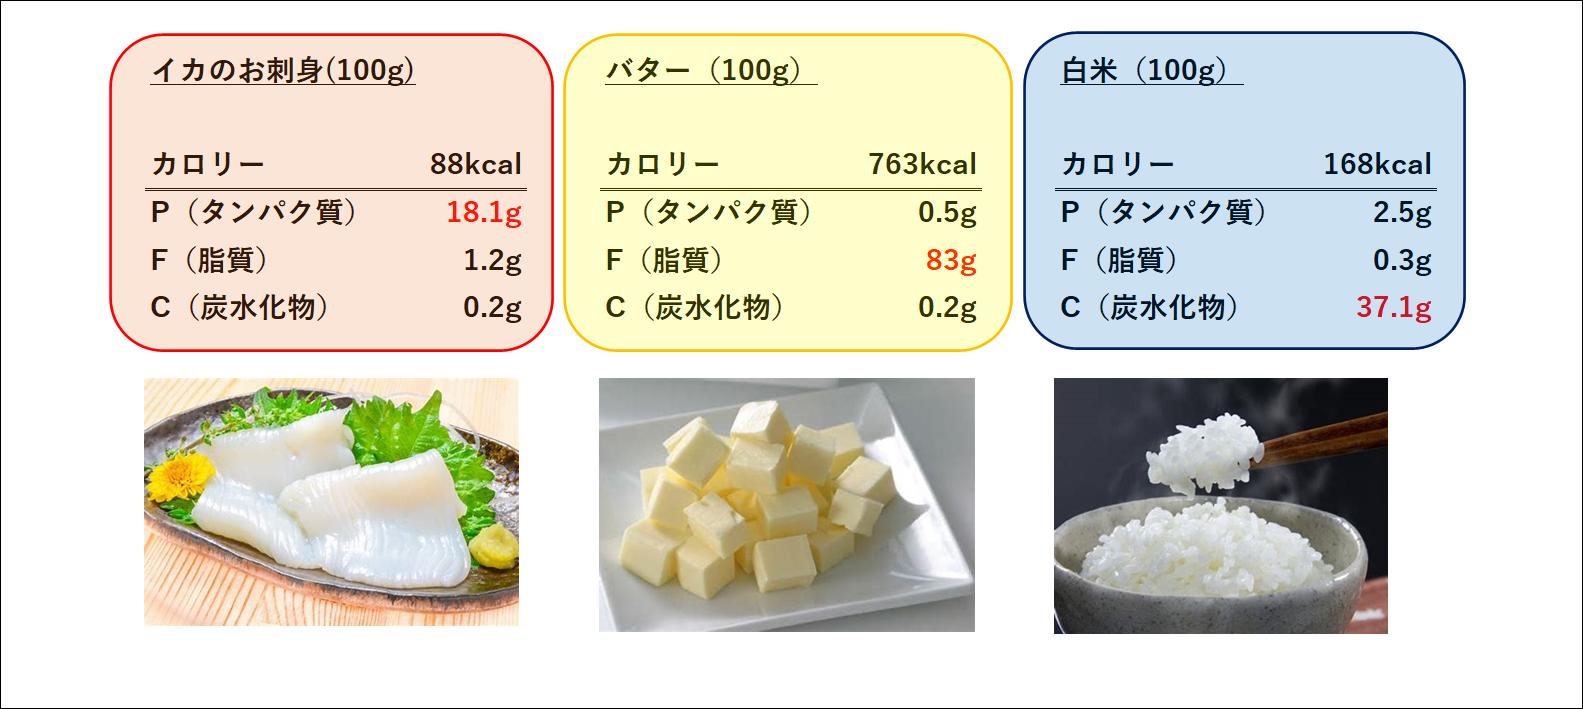 必要 タンパク質 一 日 に な 【筋トレ初心者必見】1日に必要なタンパク質の摂取量【適切な摂取タイミング】